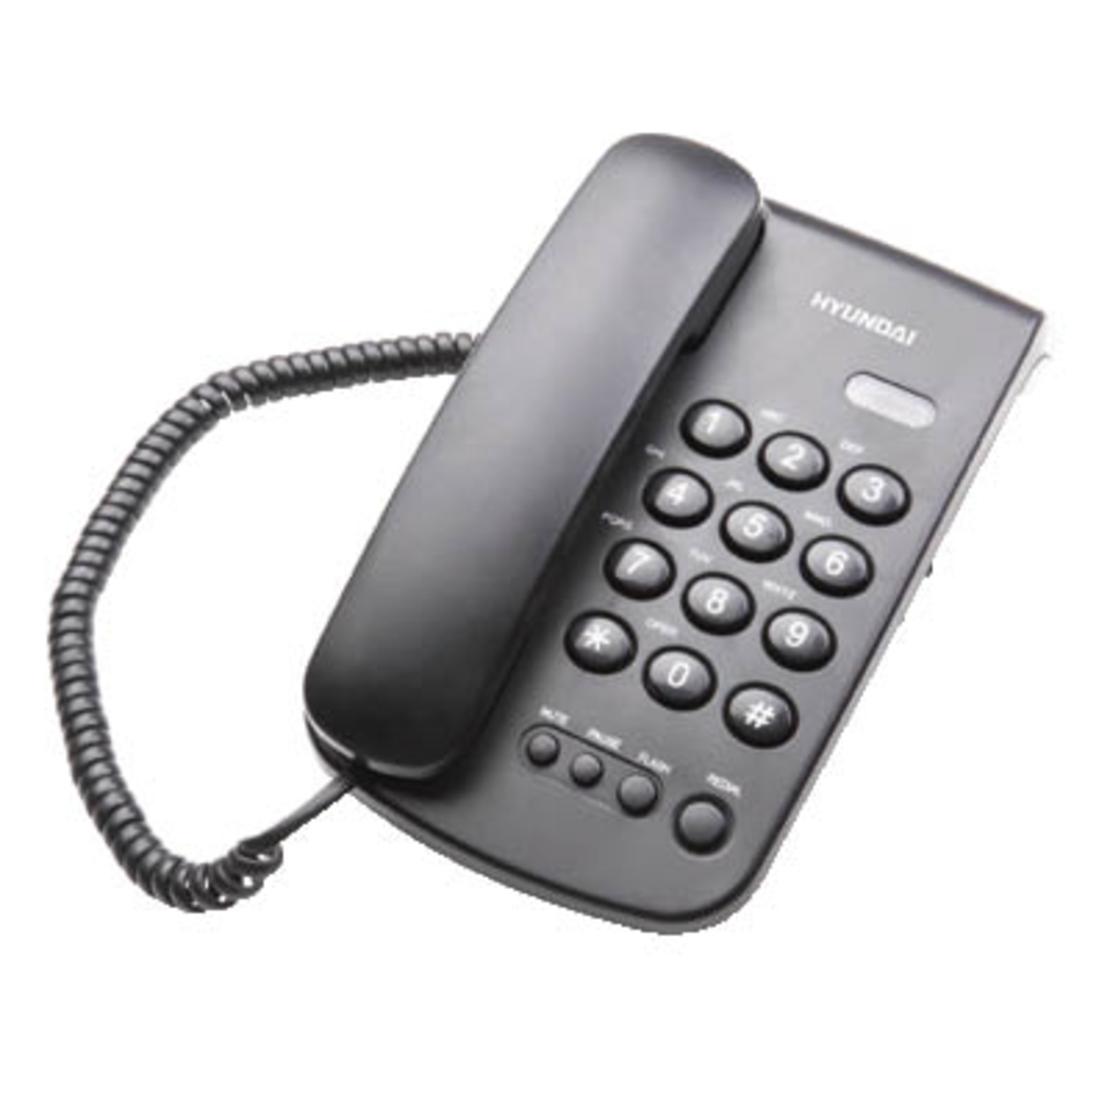 טלפון דקורטיבי שולחני שחור HYUNDAI HDT-2400B